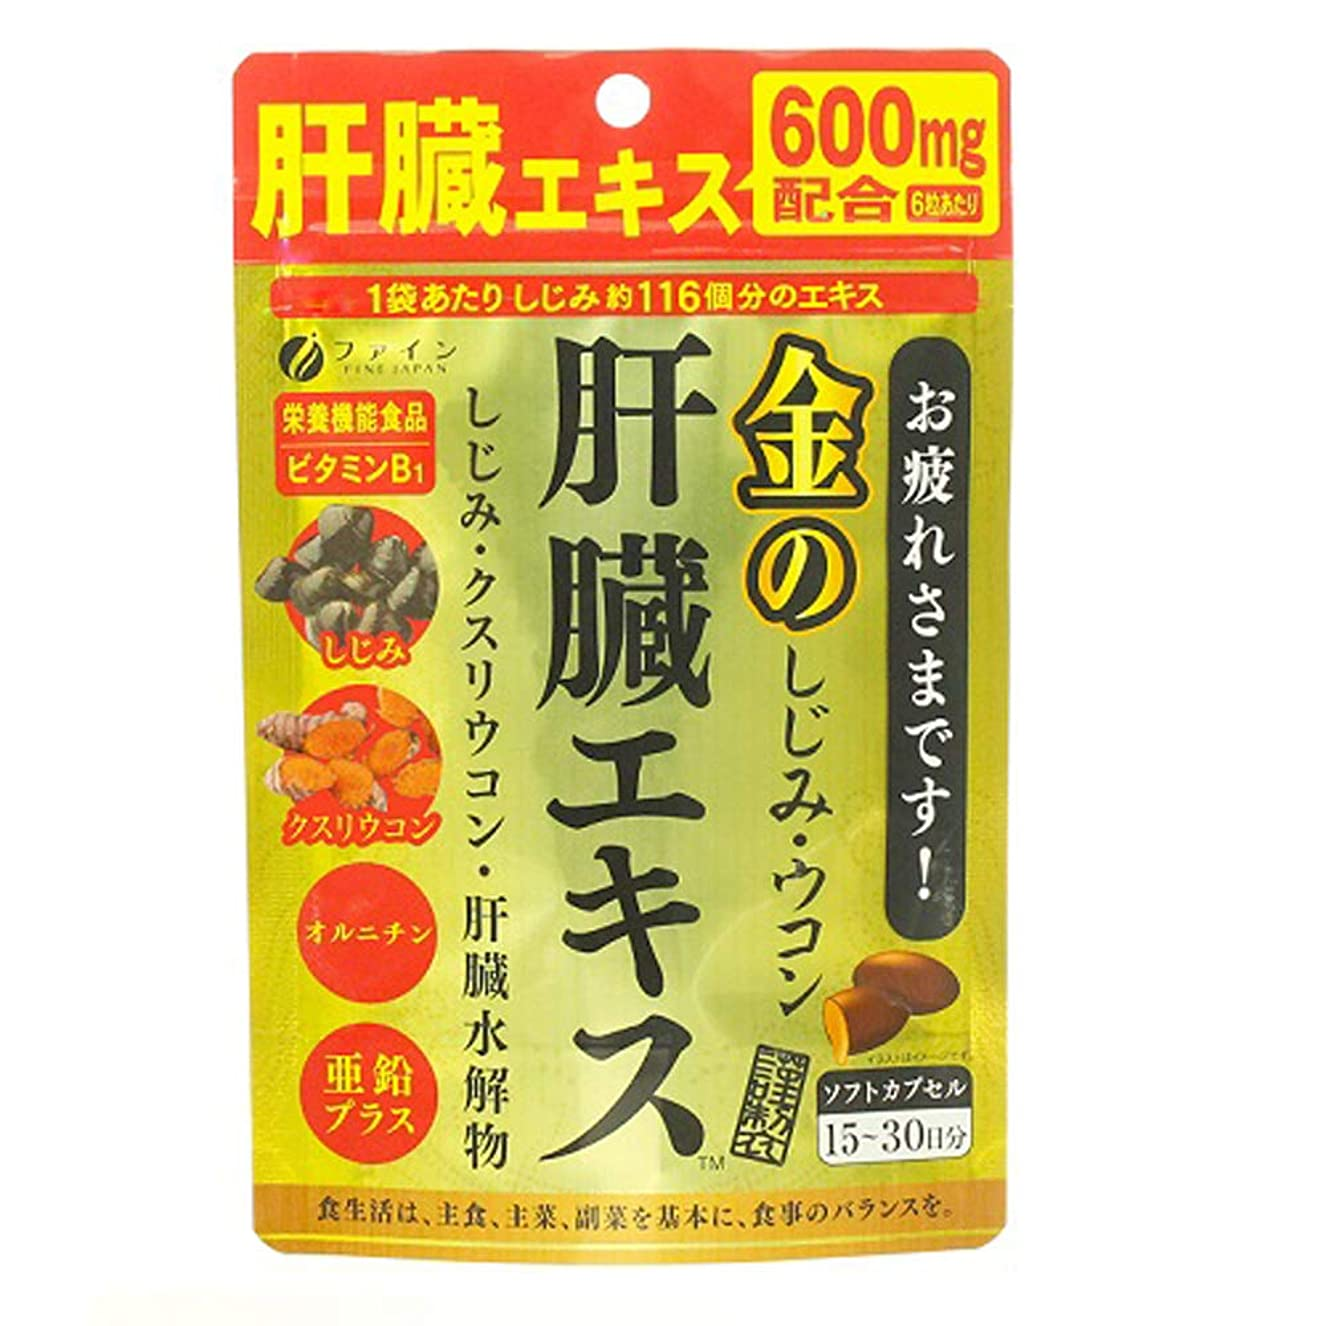 裁判官発行する事ファイン 金の しじみ ウコン 肝臓エキス 90粒 クルクミン 亜鉛 オルニチン クスリウコン 配合